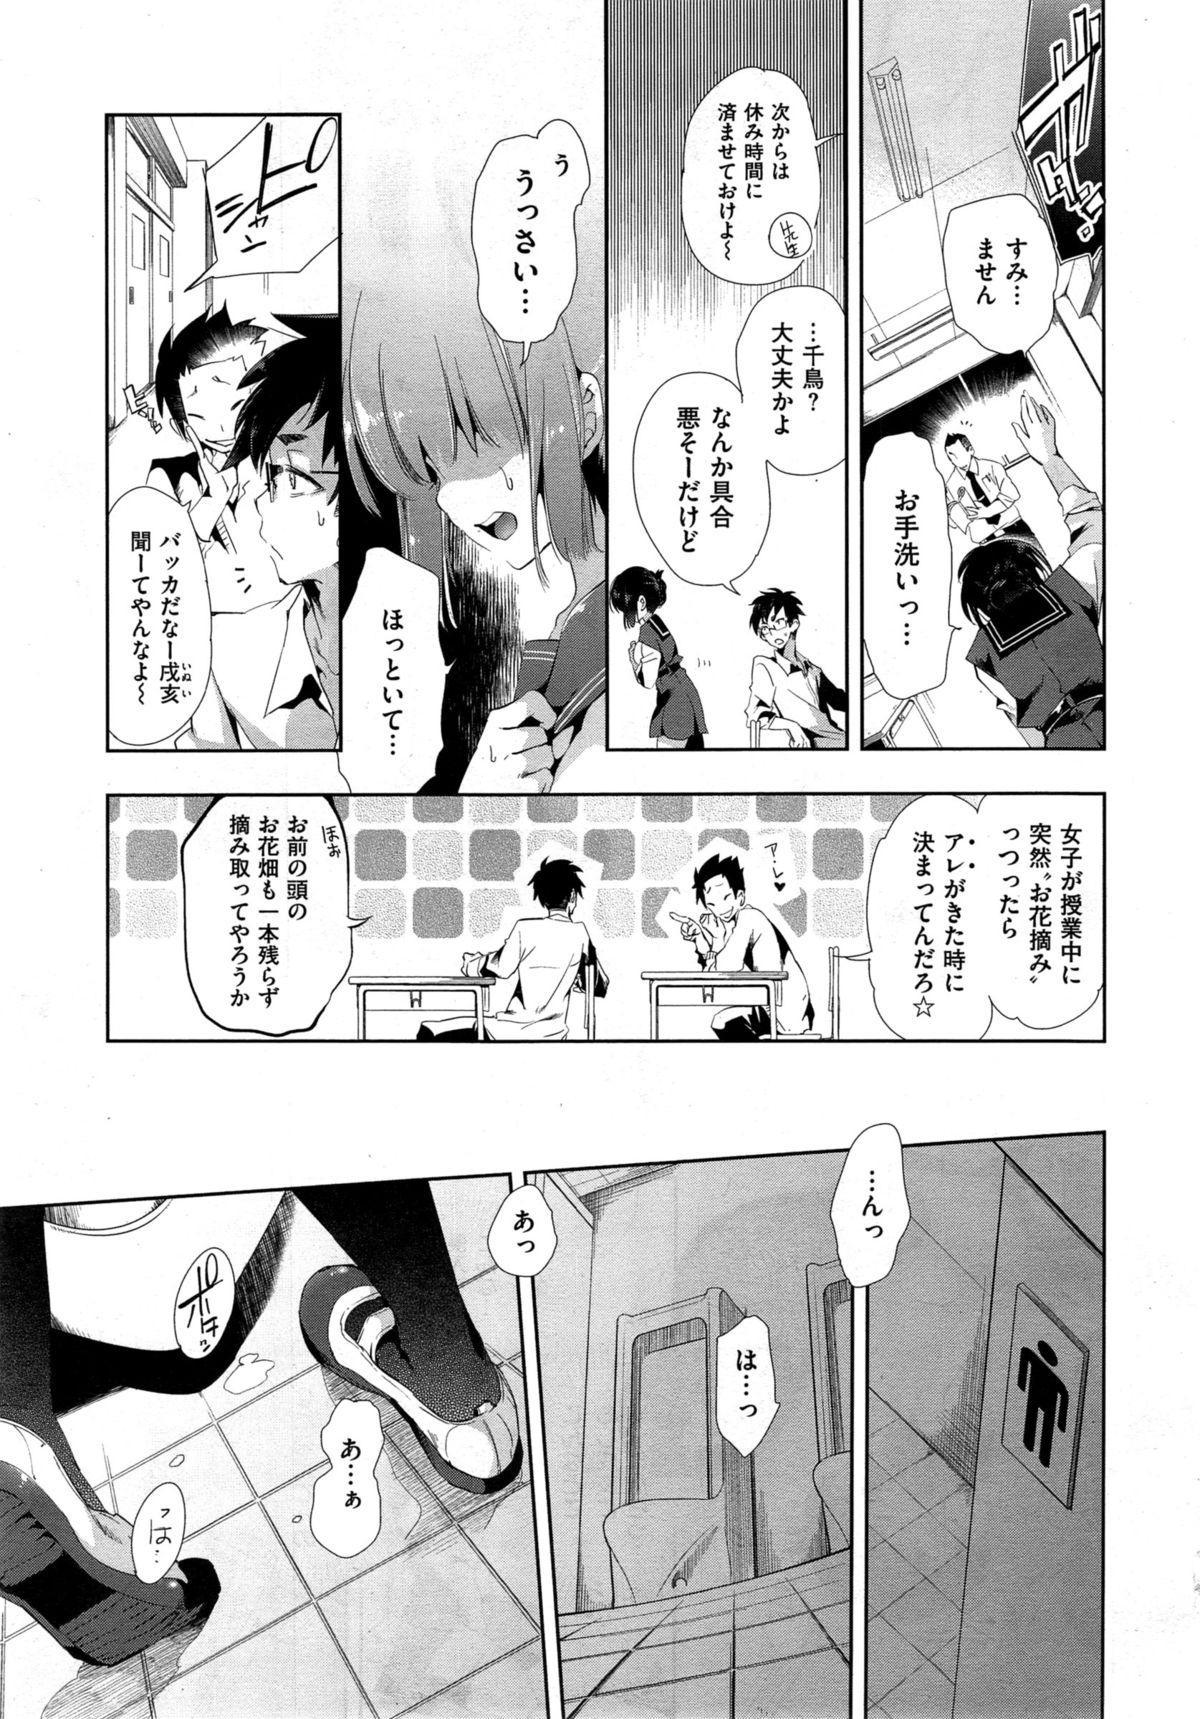 Kitsune no Yomeiri 38